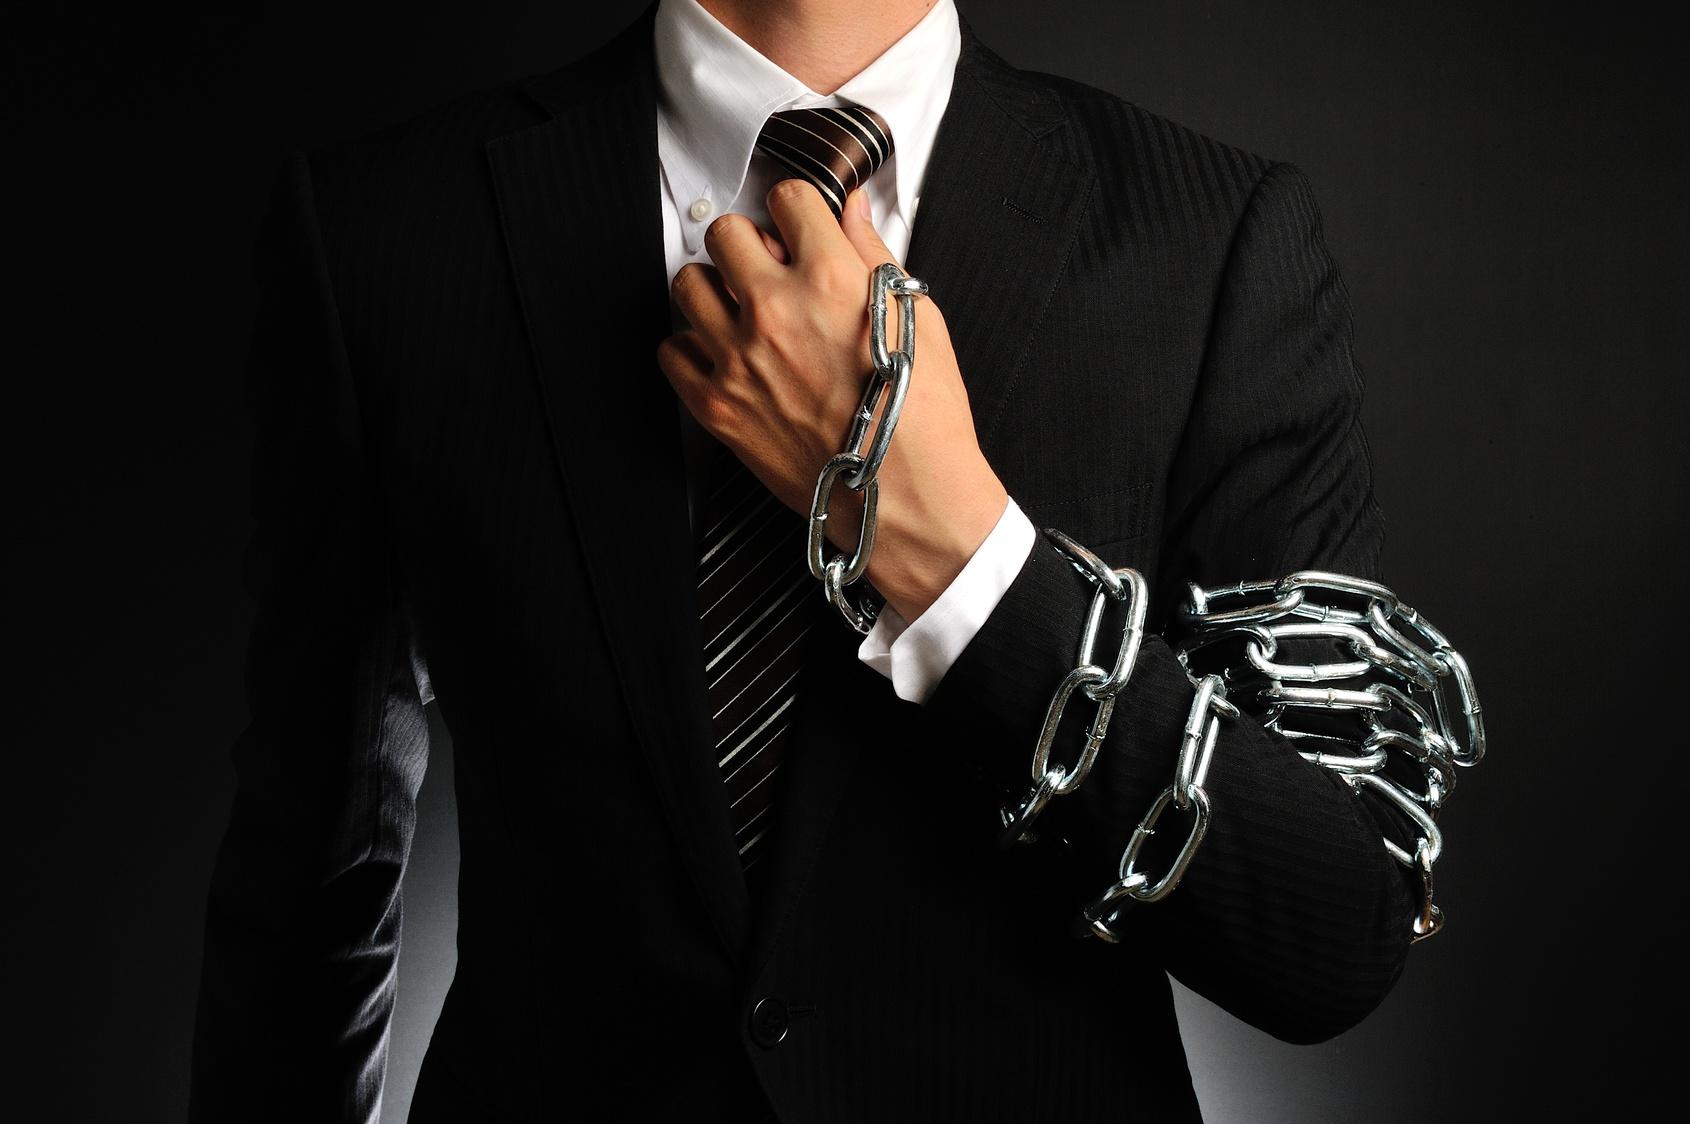 手を鎖で縛られたビジネスマン